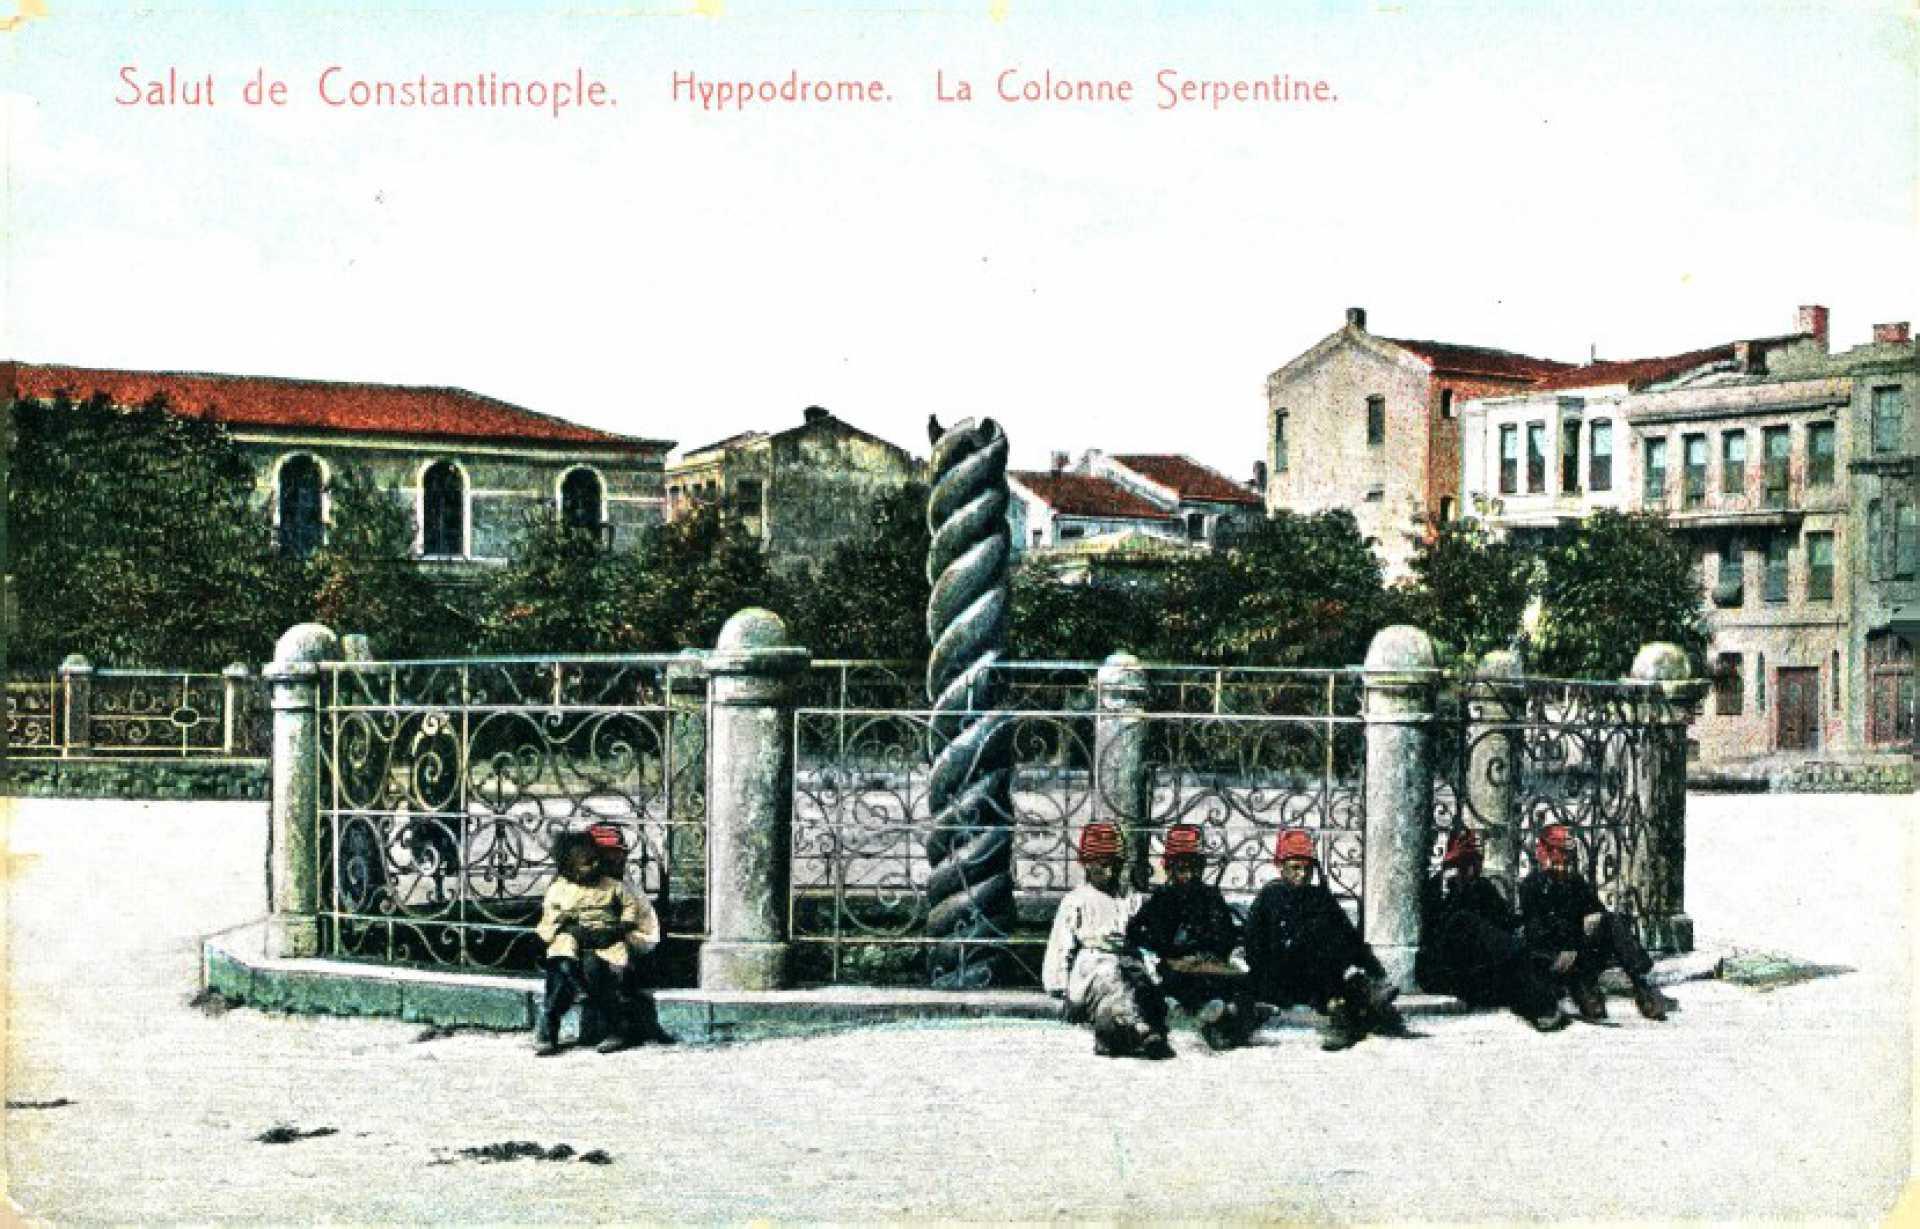 La colonne Serpentine. Hyppodrome